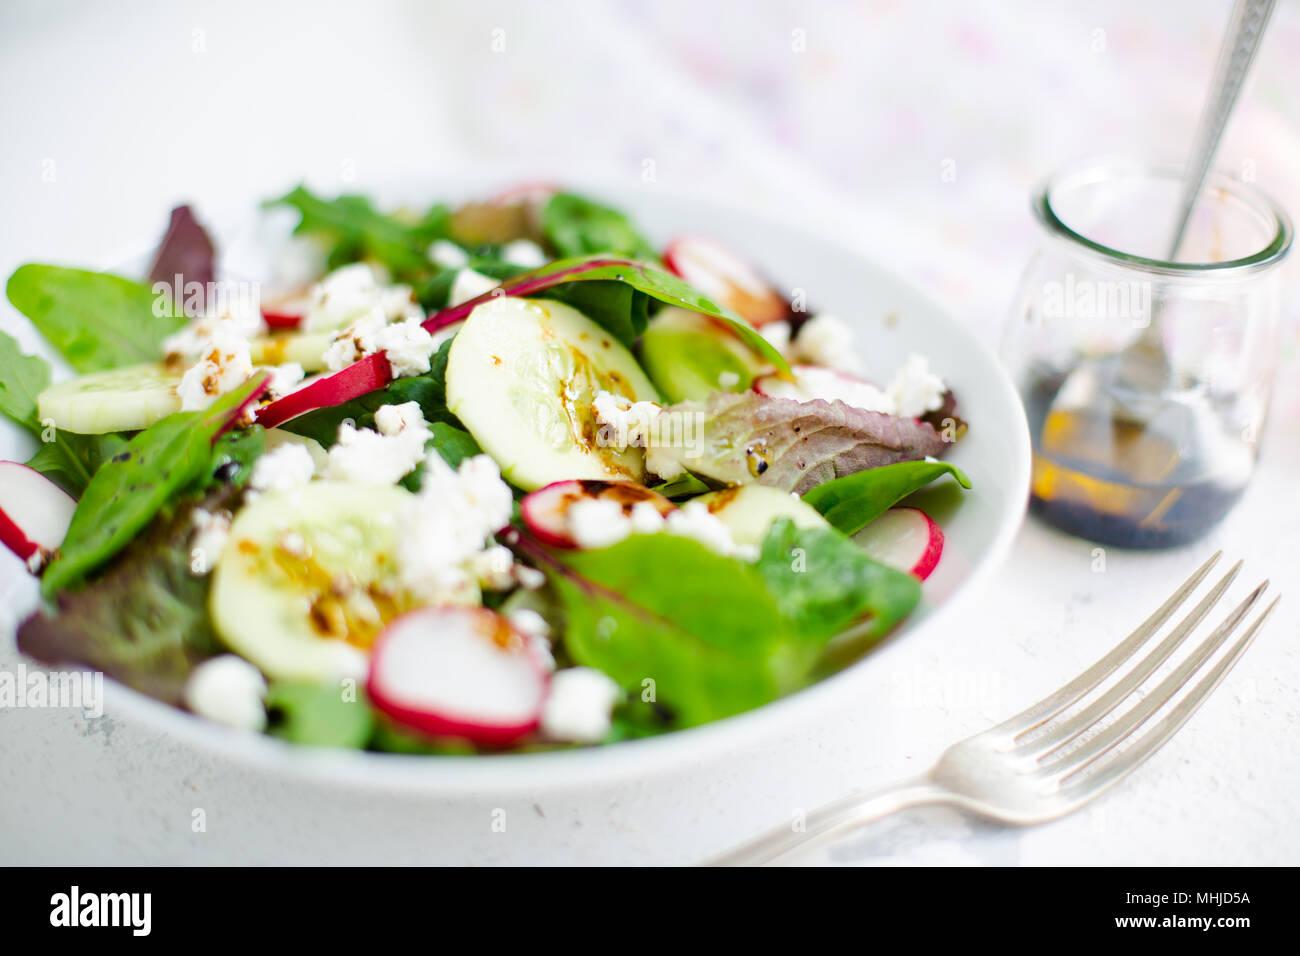 Ensalada mixta con las hojas tiernas de lechuga roja, Tatsoi, rúcula, Acelga roja, rábano, pepino y queso feta con el aceite de oliva y vinagre balsámico vestirse Foto de stock